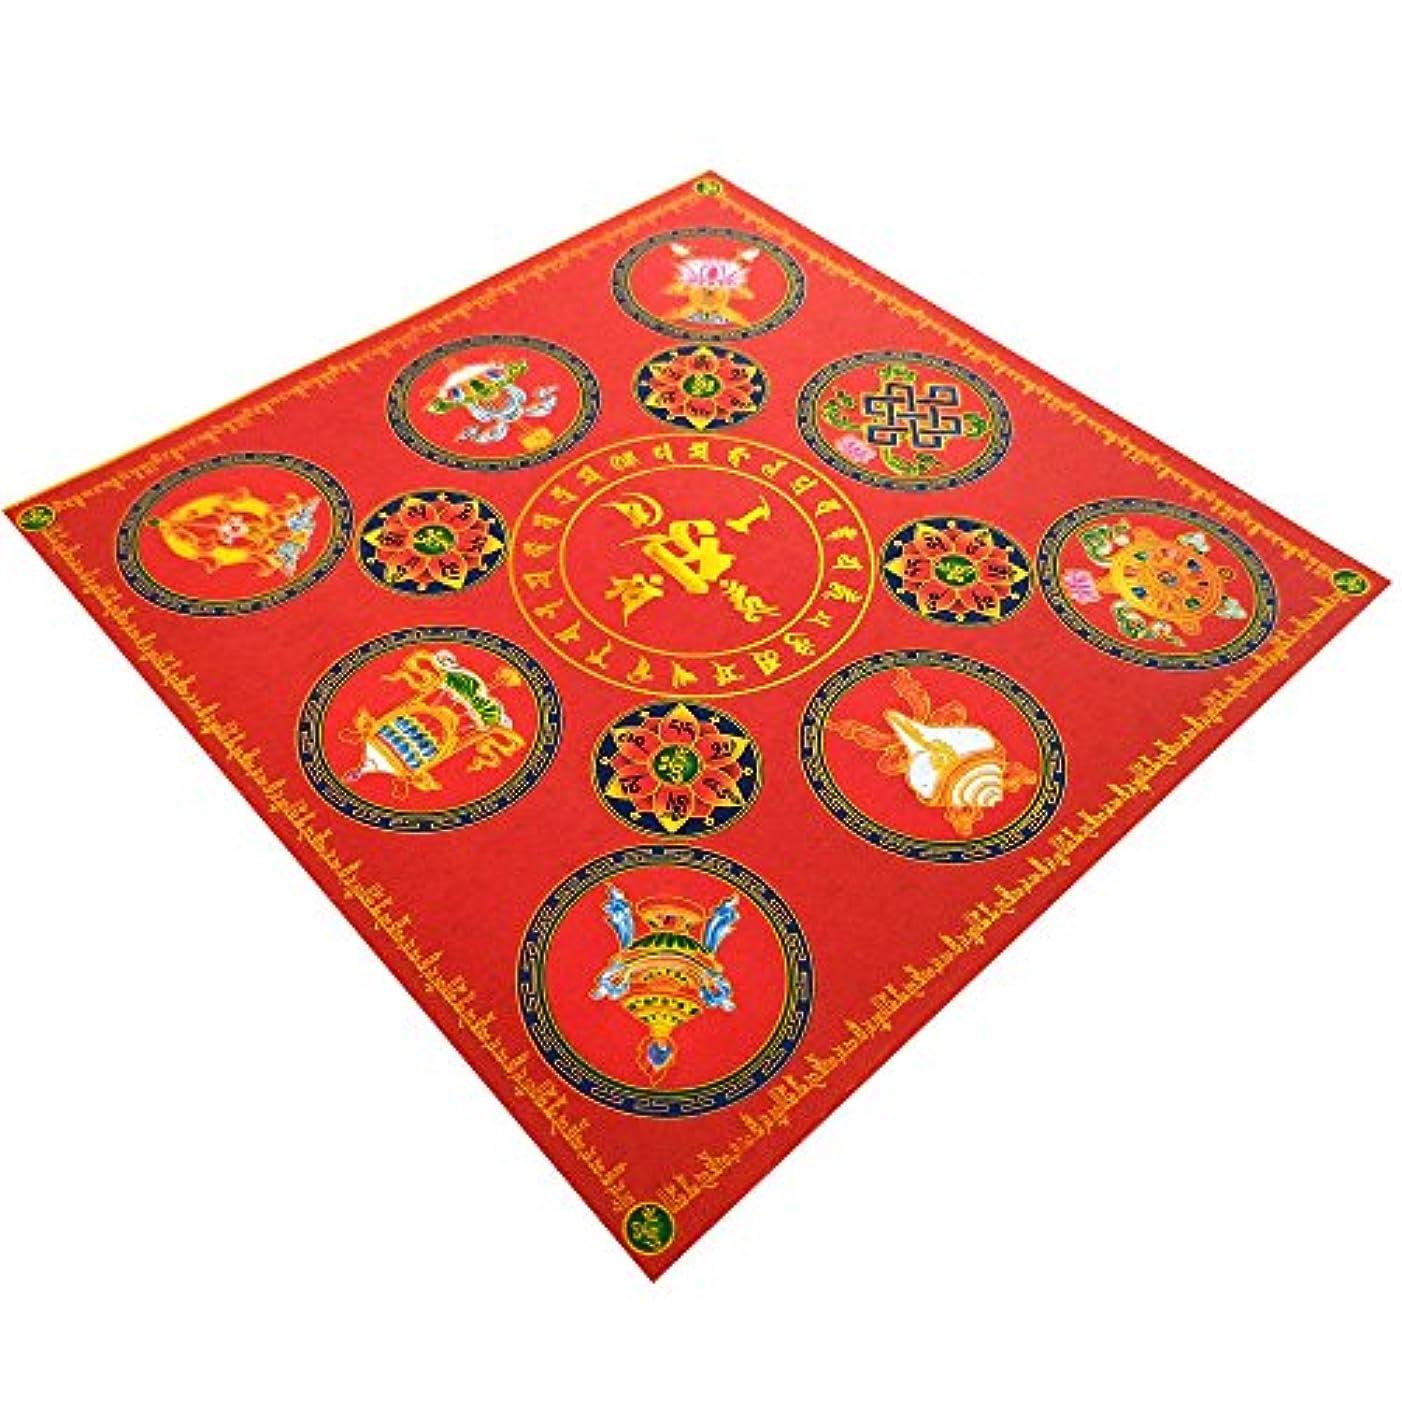 移動一方、解釈的zeestar祖先Incense用紙/ゴーストお金の祖先Praying 7.6インチx 7.6インチ、40個 – 吉祥(Lotus